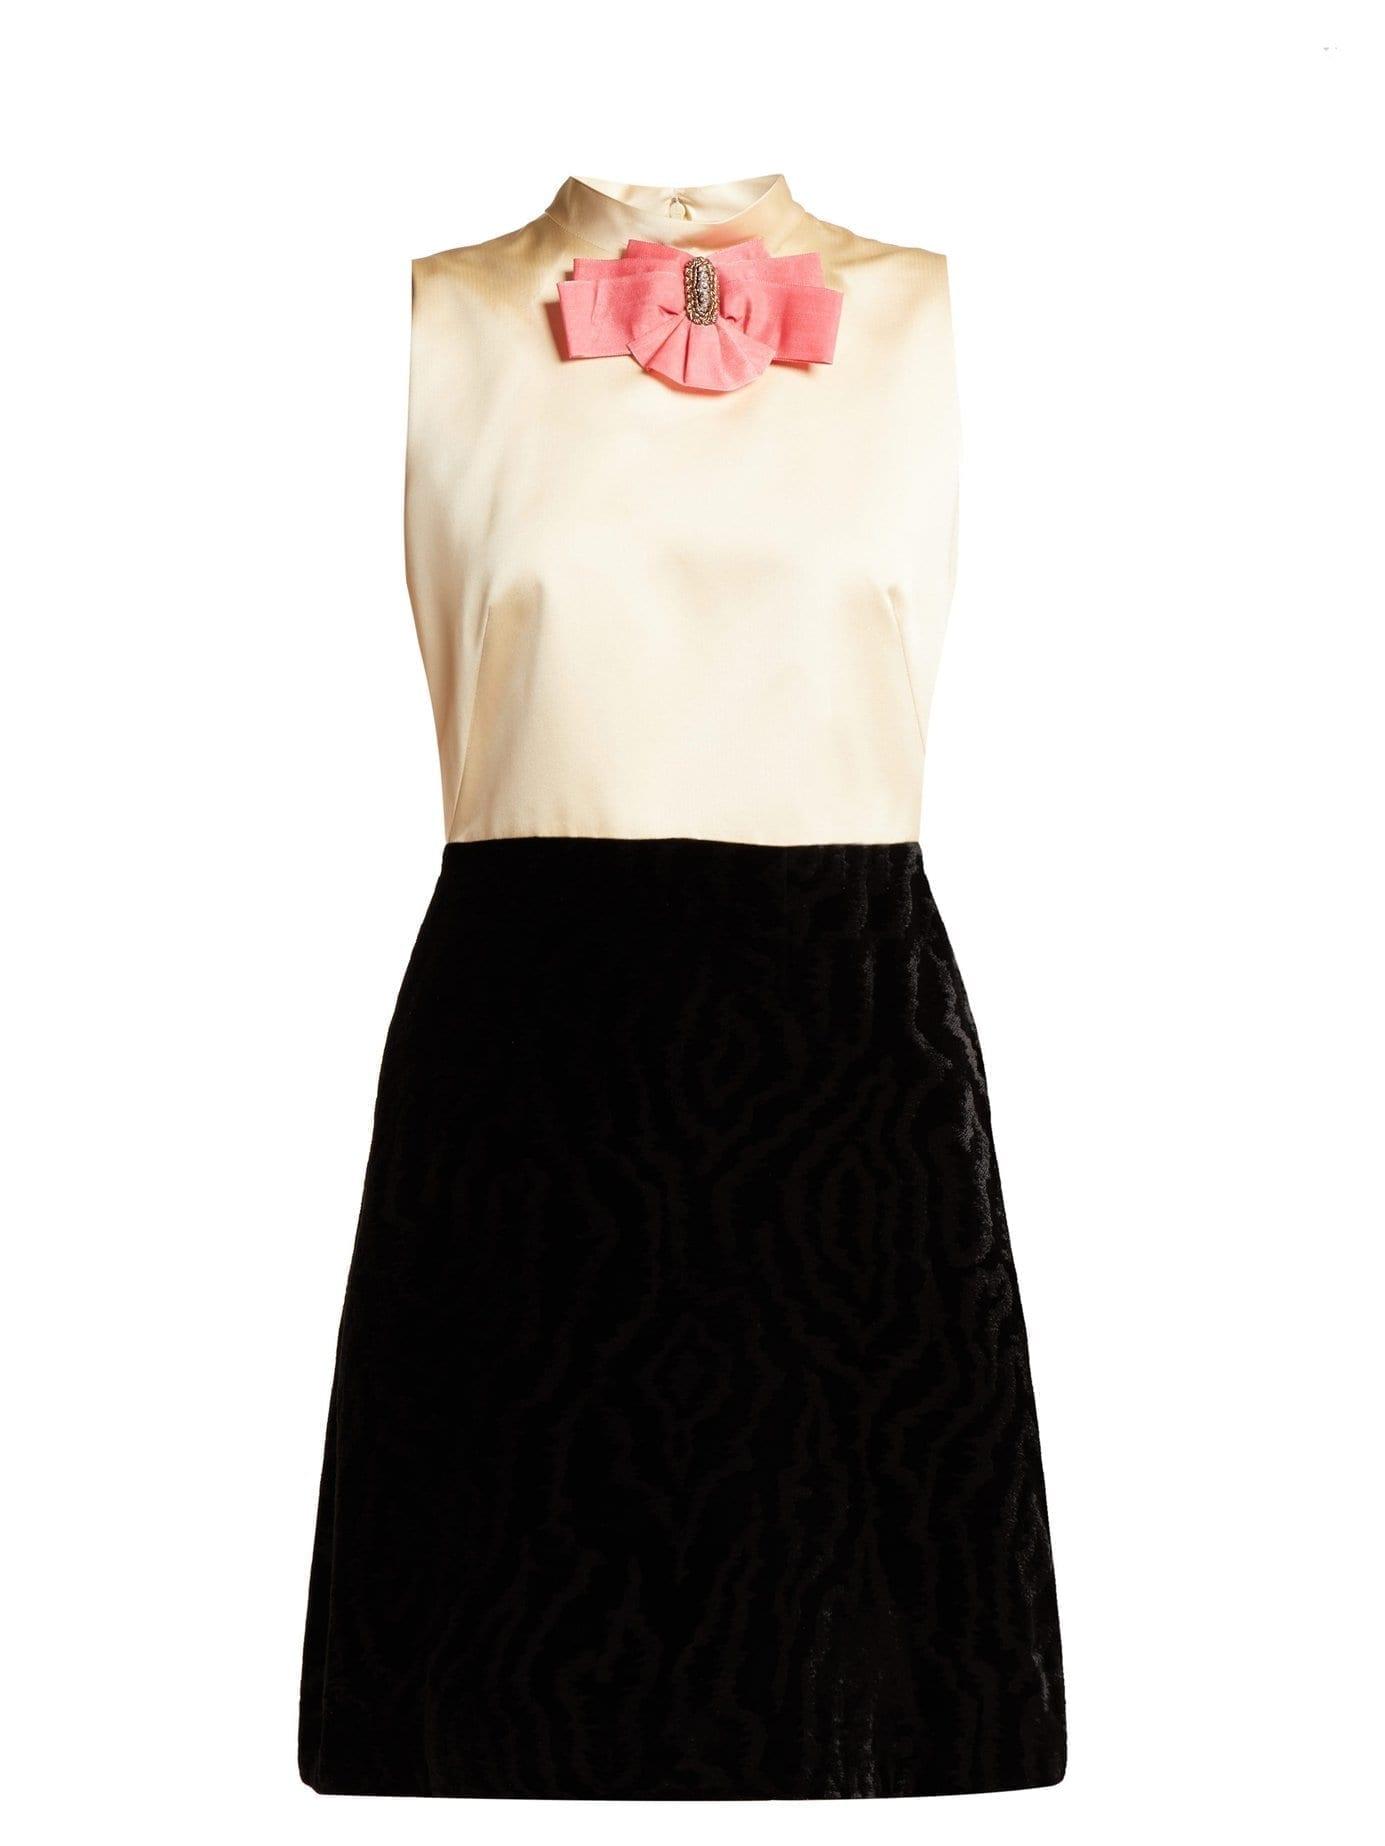 b5d22899f7cb GUCCI Contrast Panel Satin & Velvet Mini Black Dress - We Select Dresses